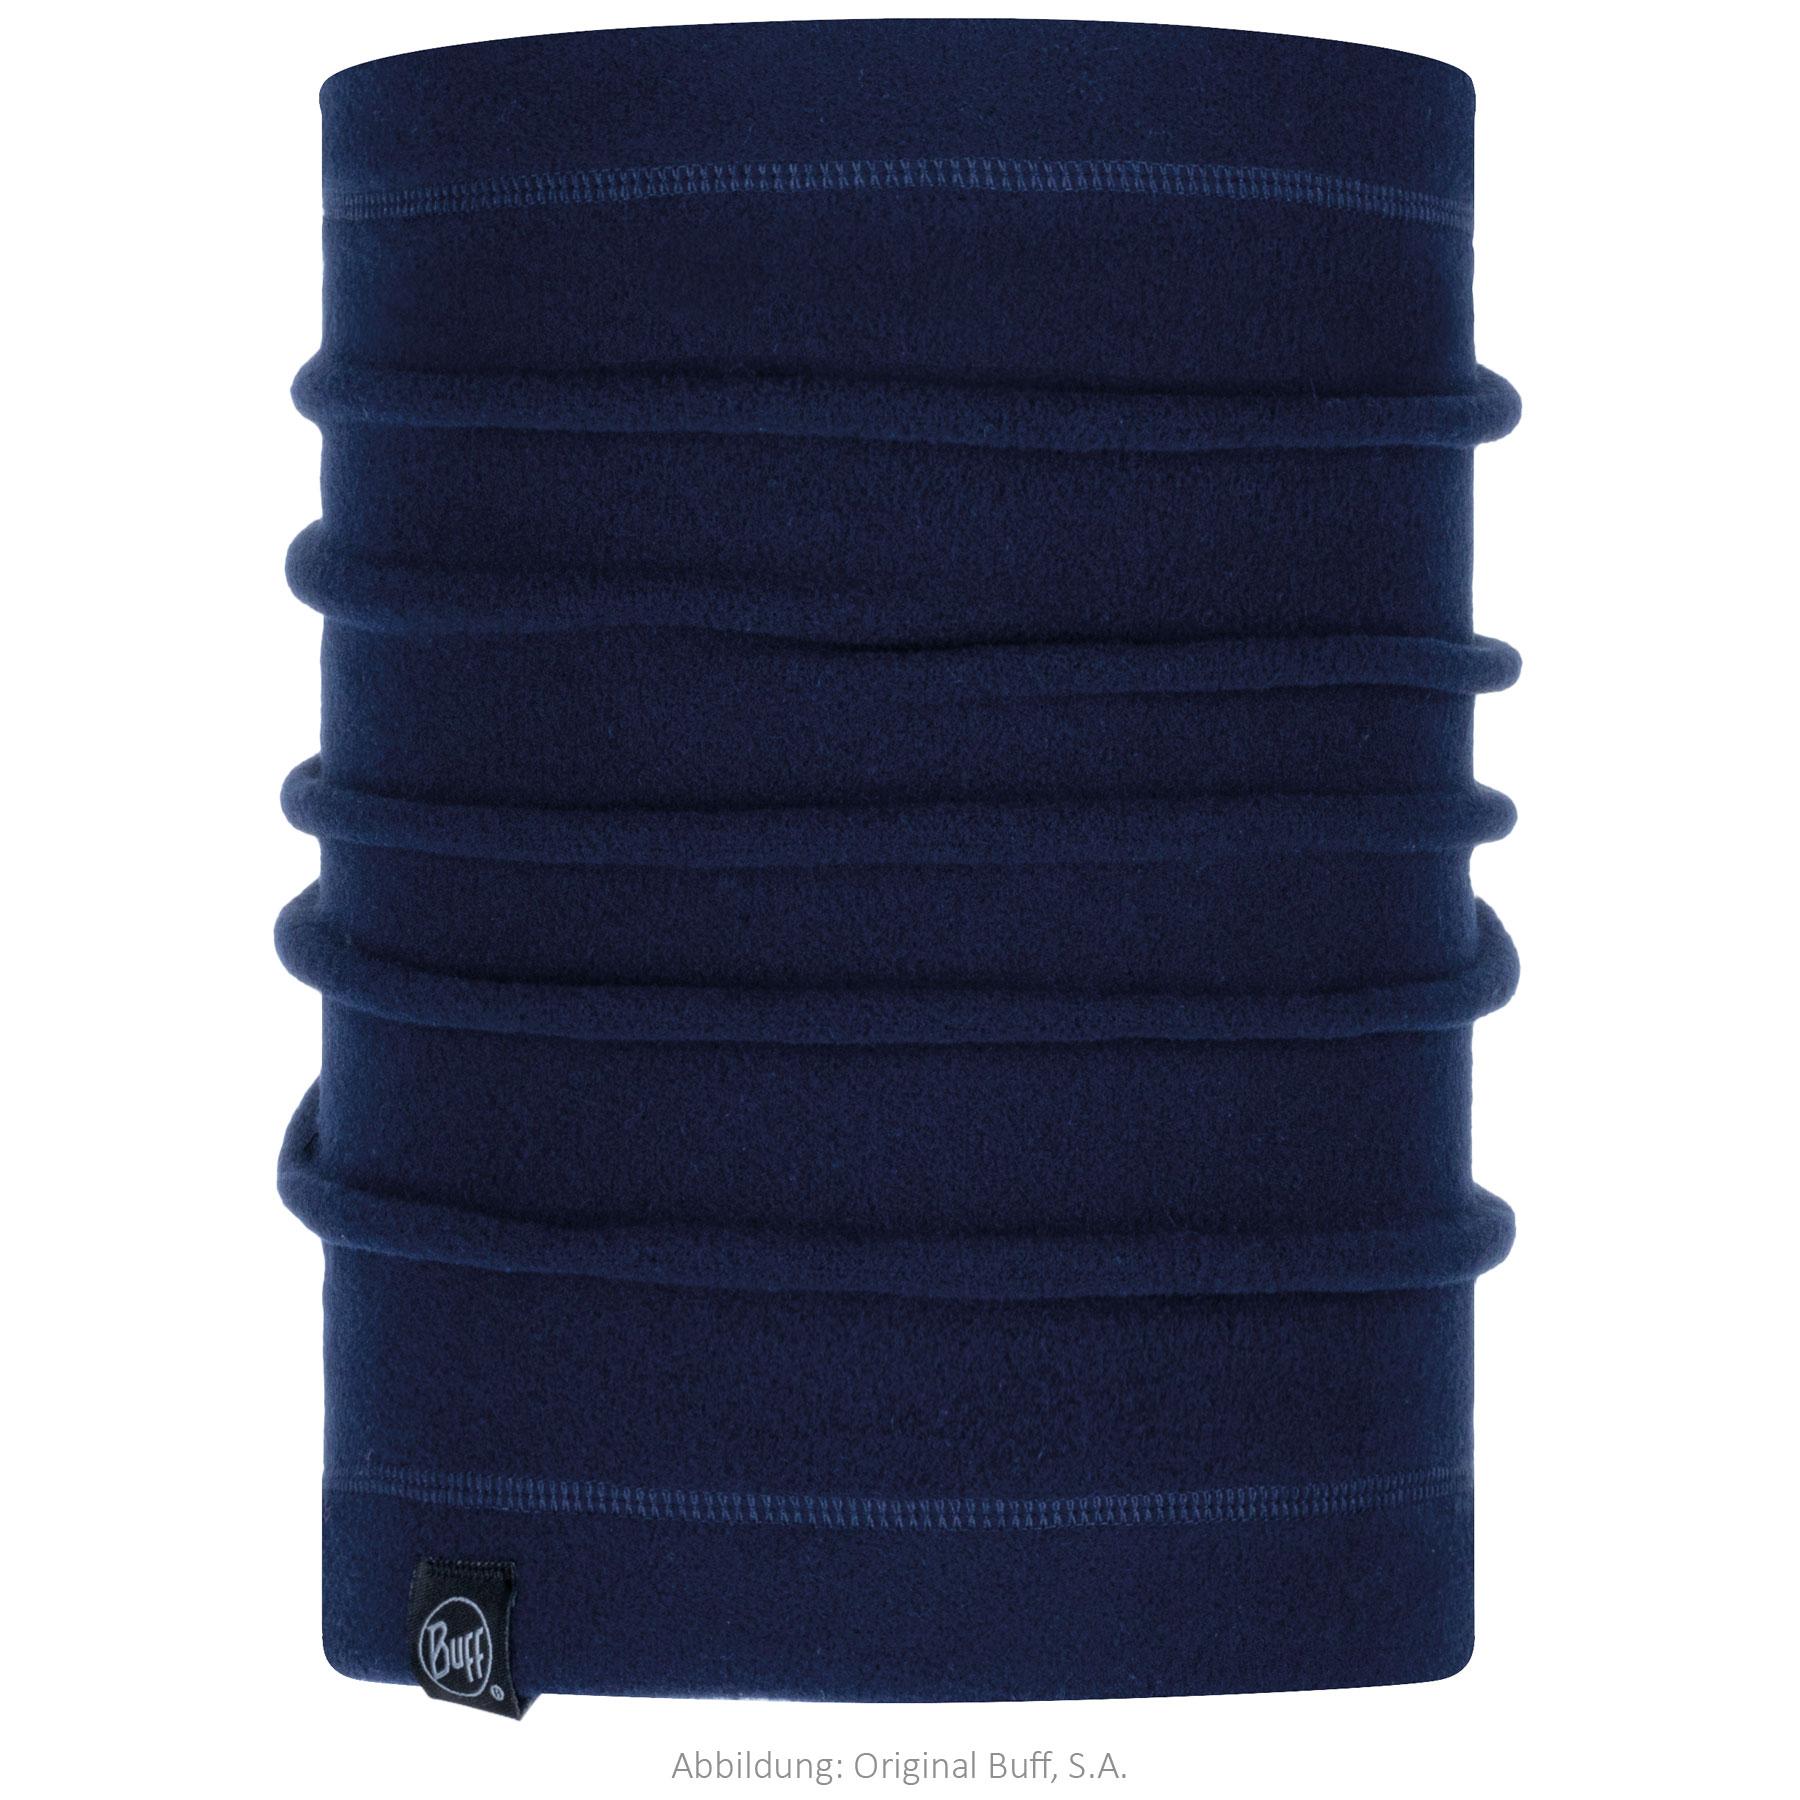 Buff® Polar Neckwarmer - Solid Night Blue